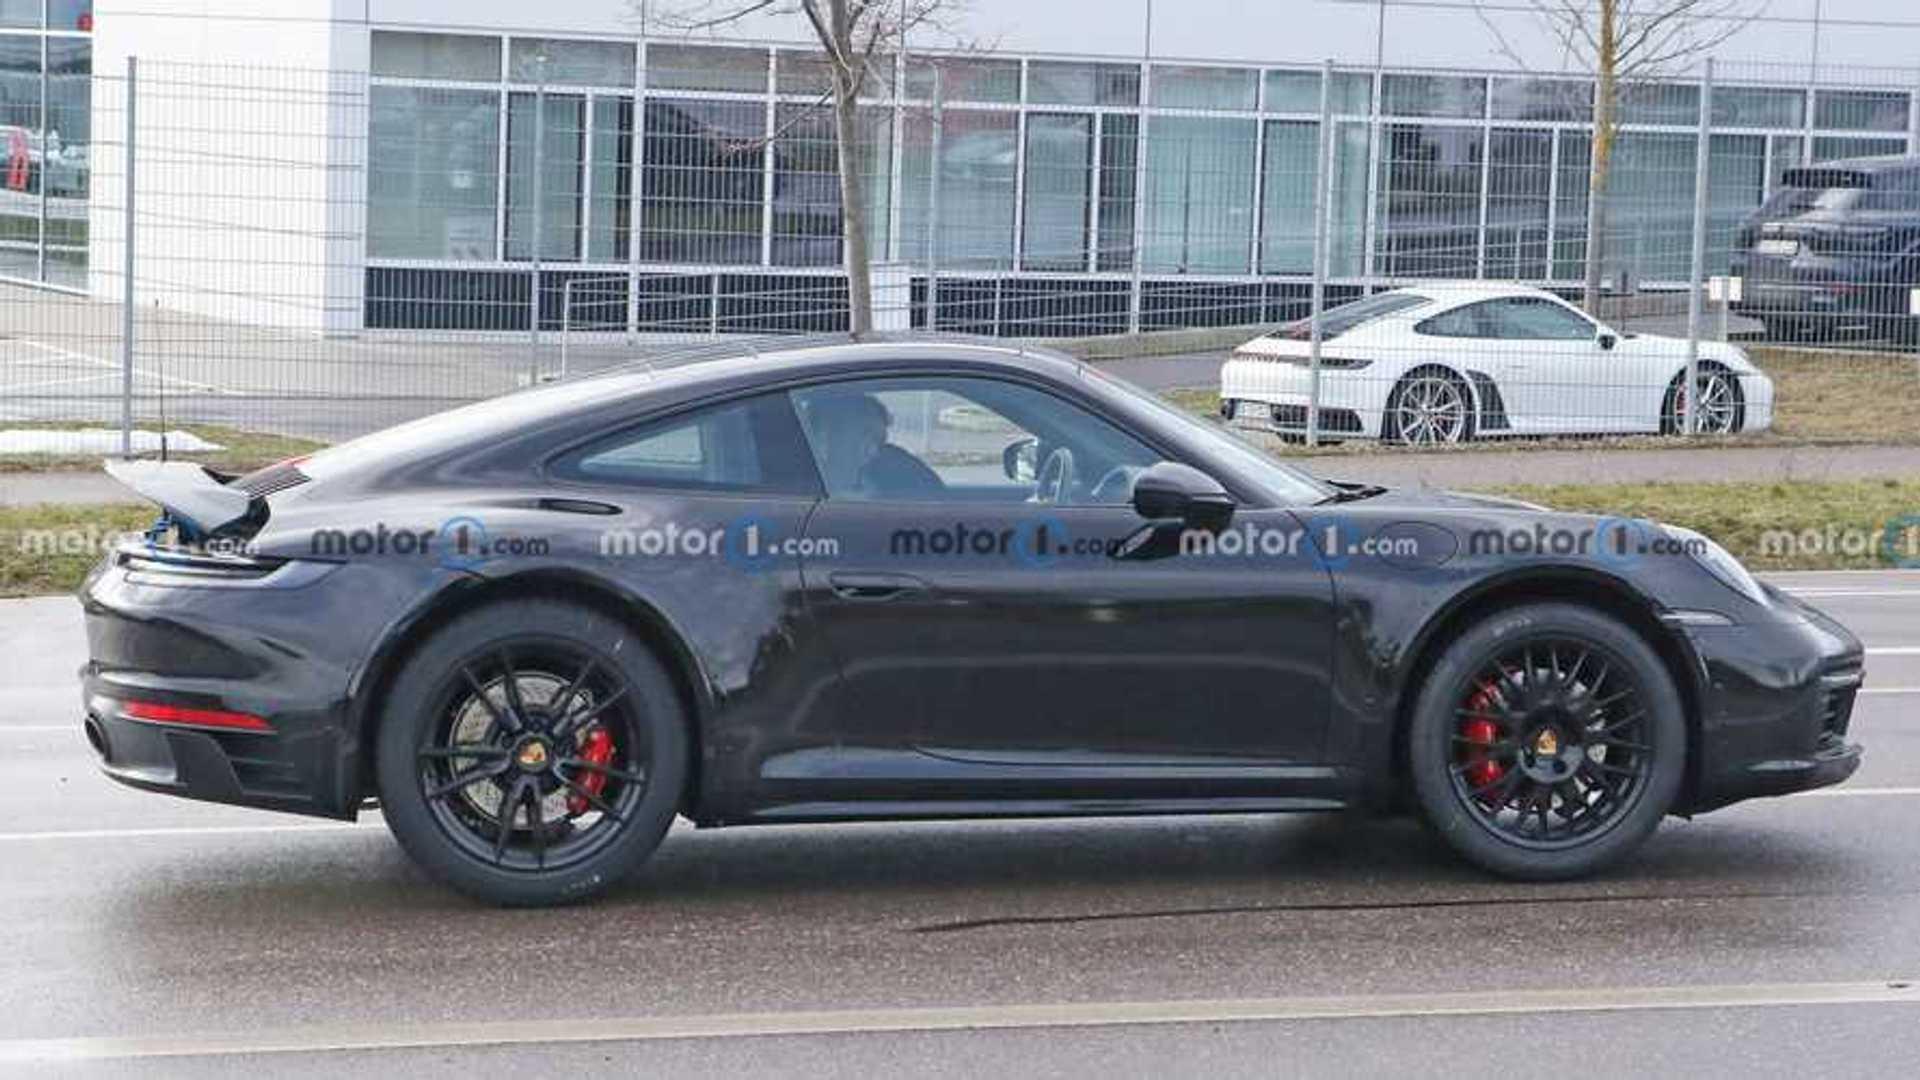 Злой прототип Porsche 911, за которым шпионят, может стать сафари